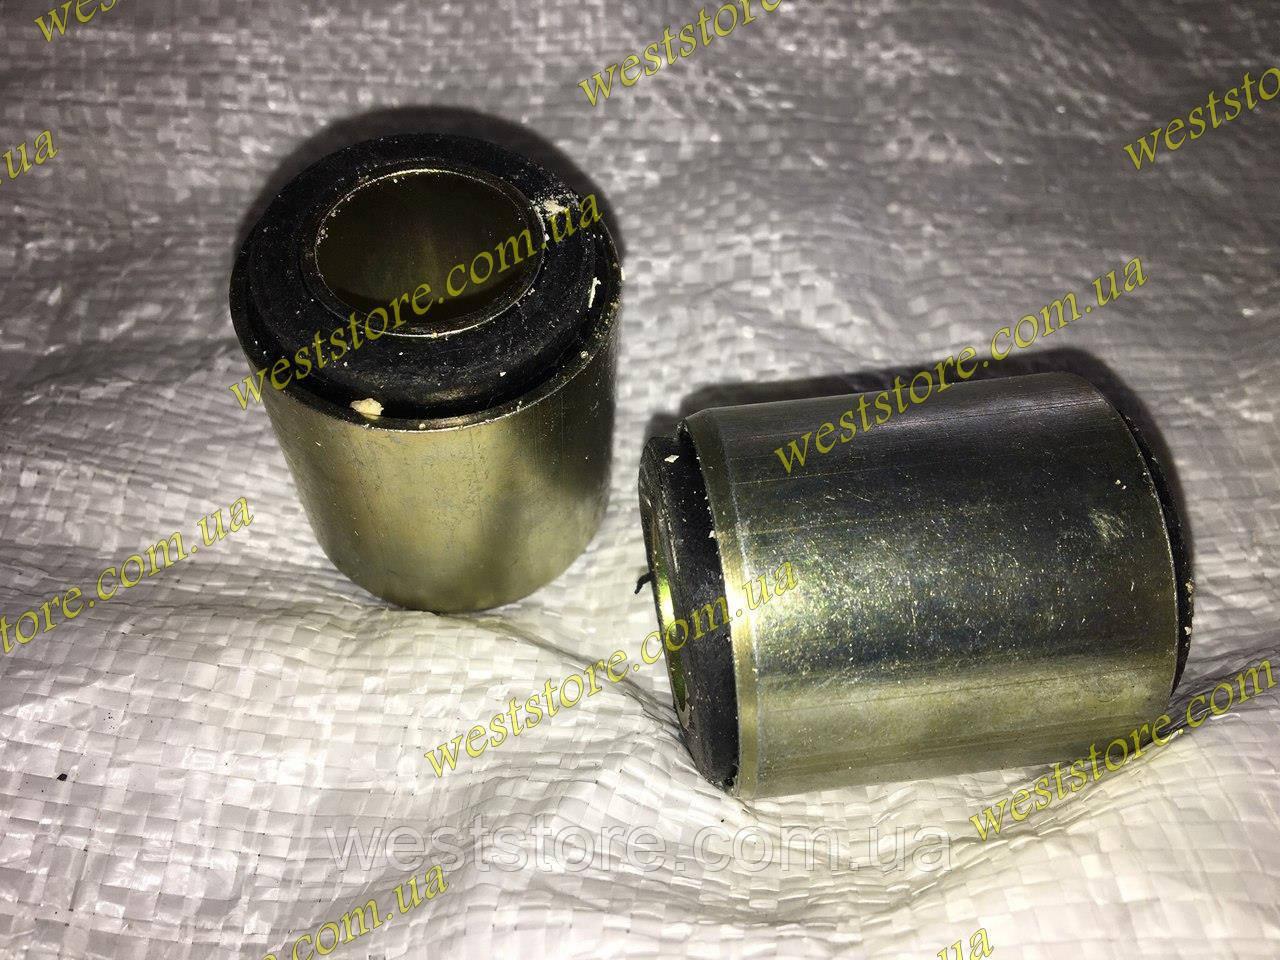 Сайлентблоки Заз 1102,1103,таврия славута заднего амортизатора завод 2 шт